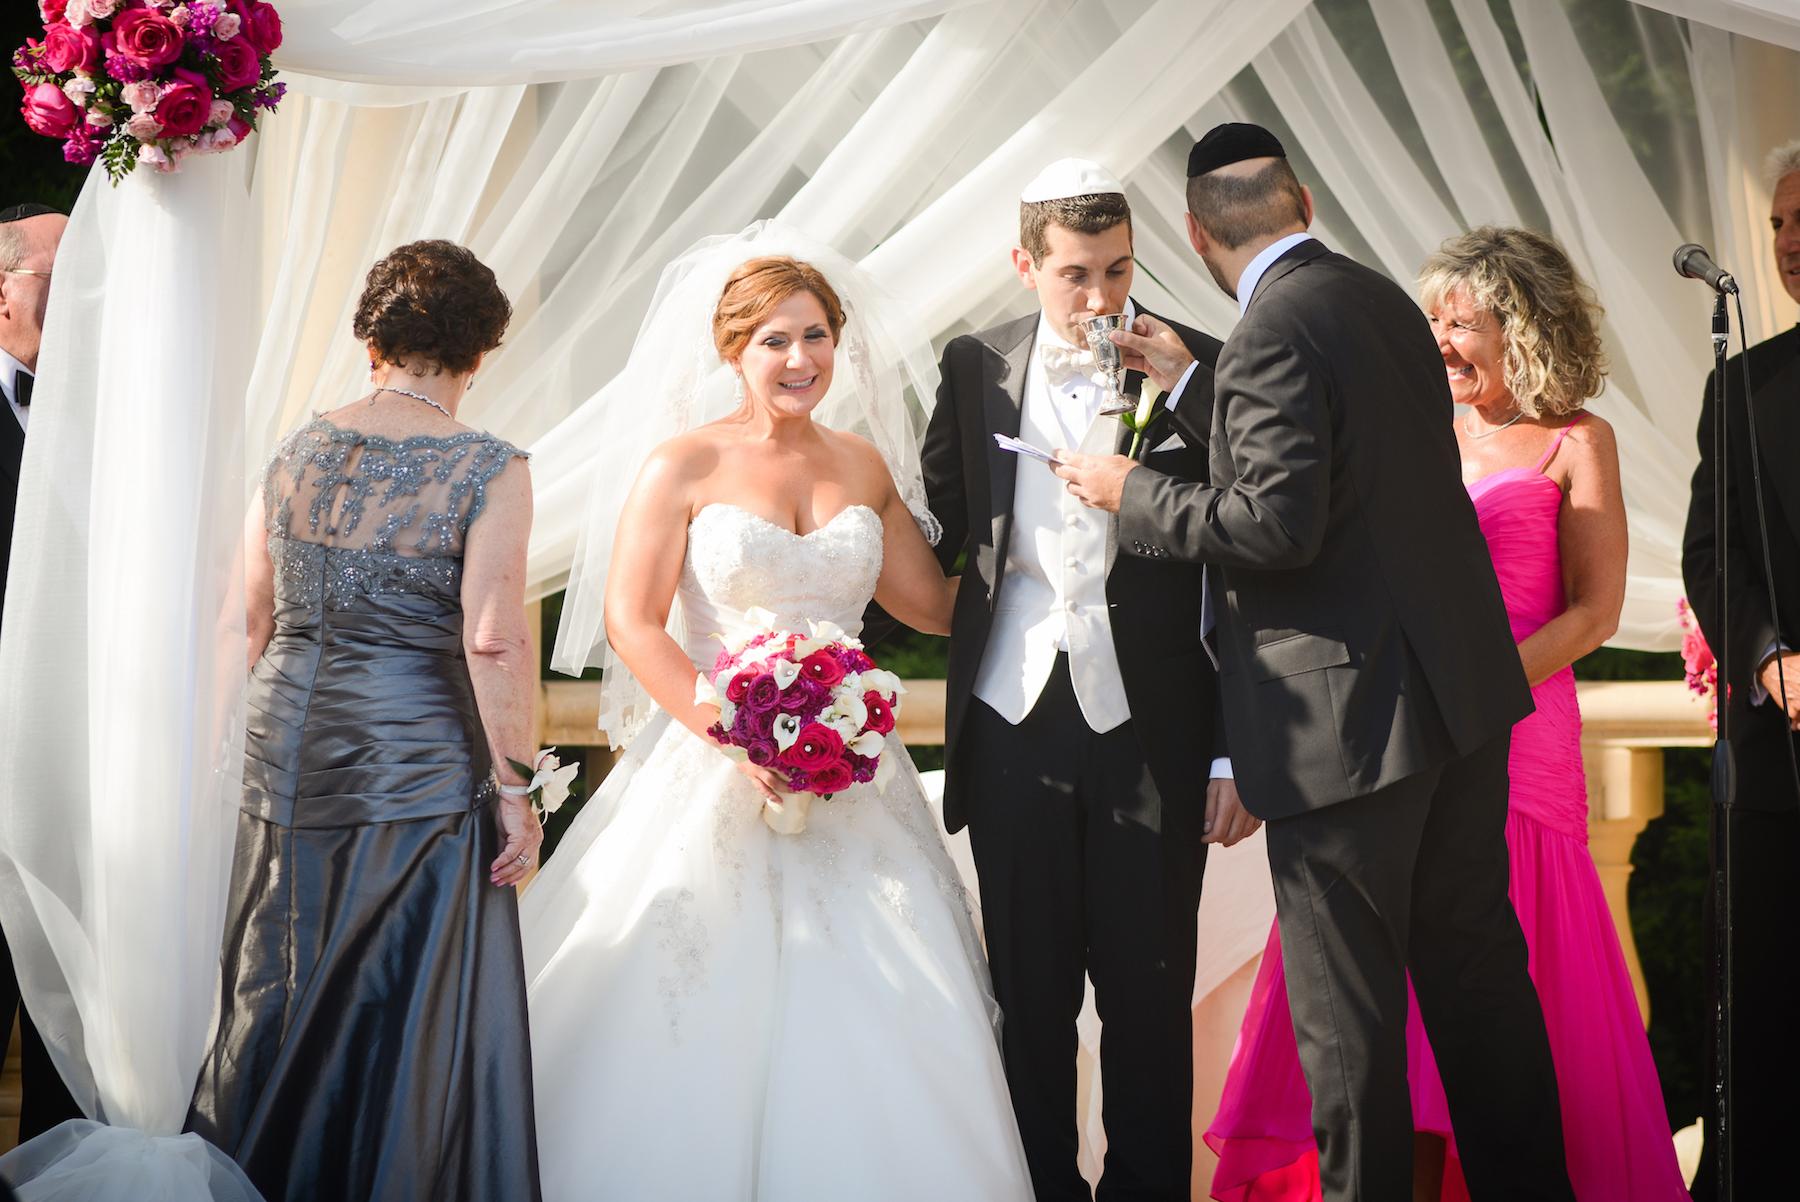 rockleigh-country-club-wedding-veroluce-photos-27